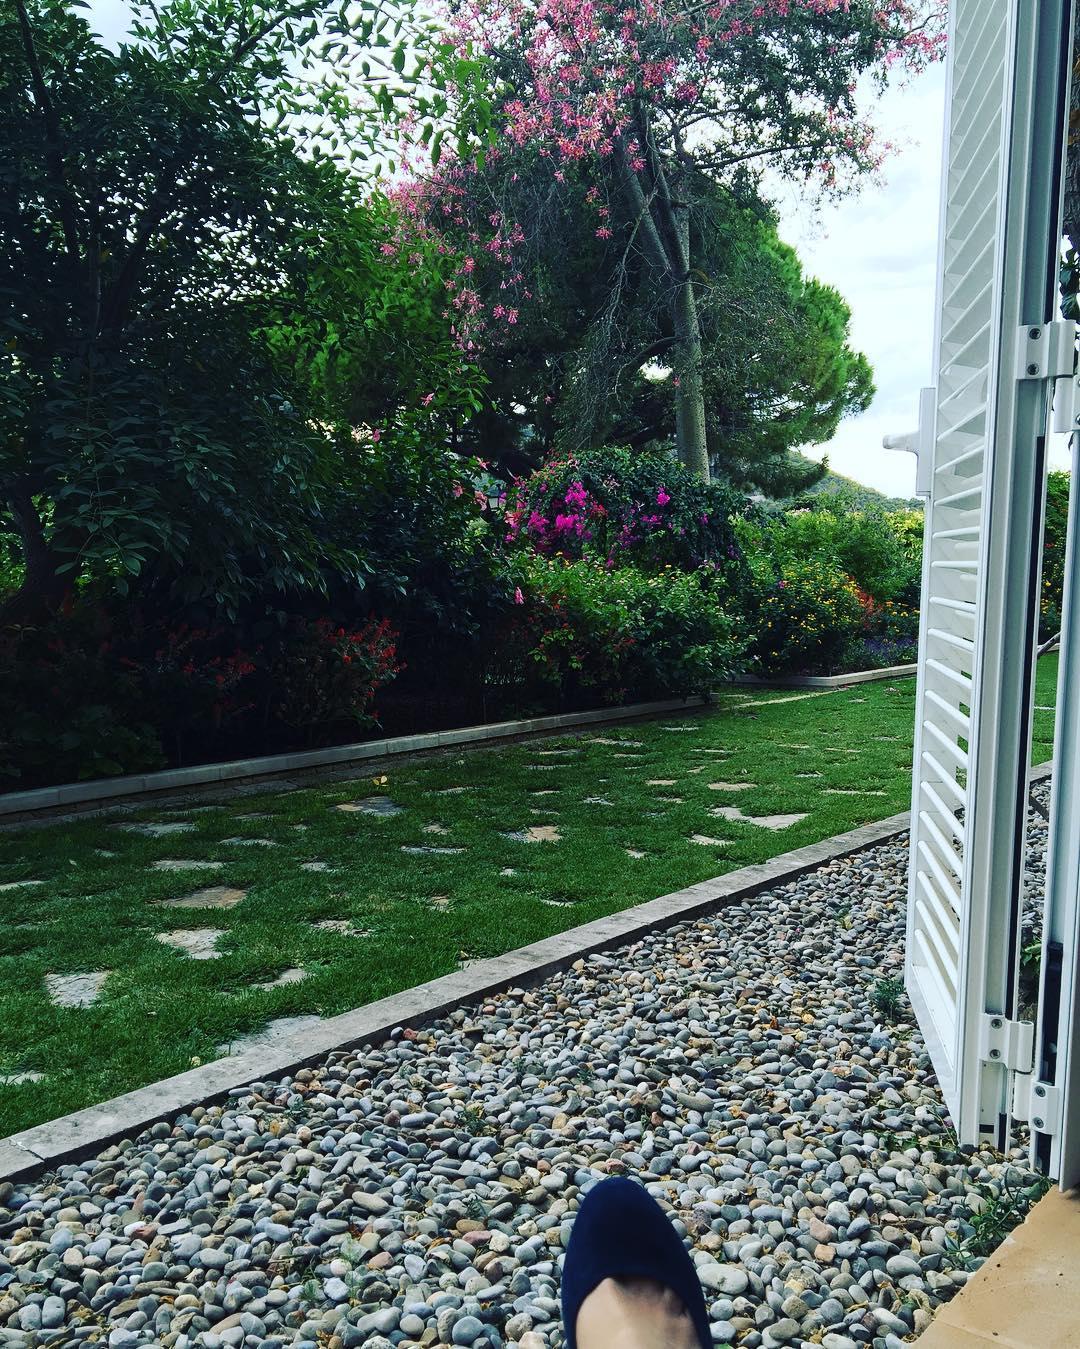 Adoro nuestra habitación con vistas al jardín @barceloformentor ;))